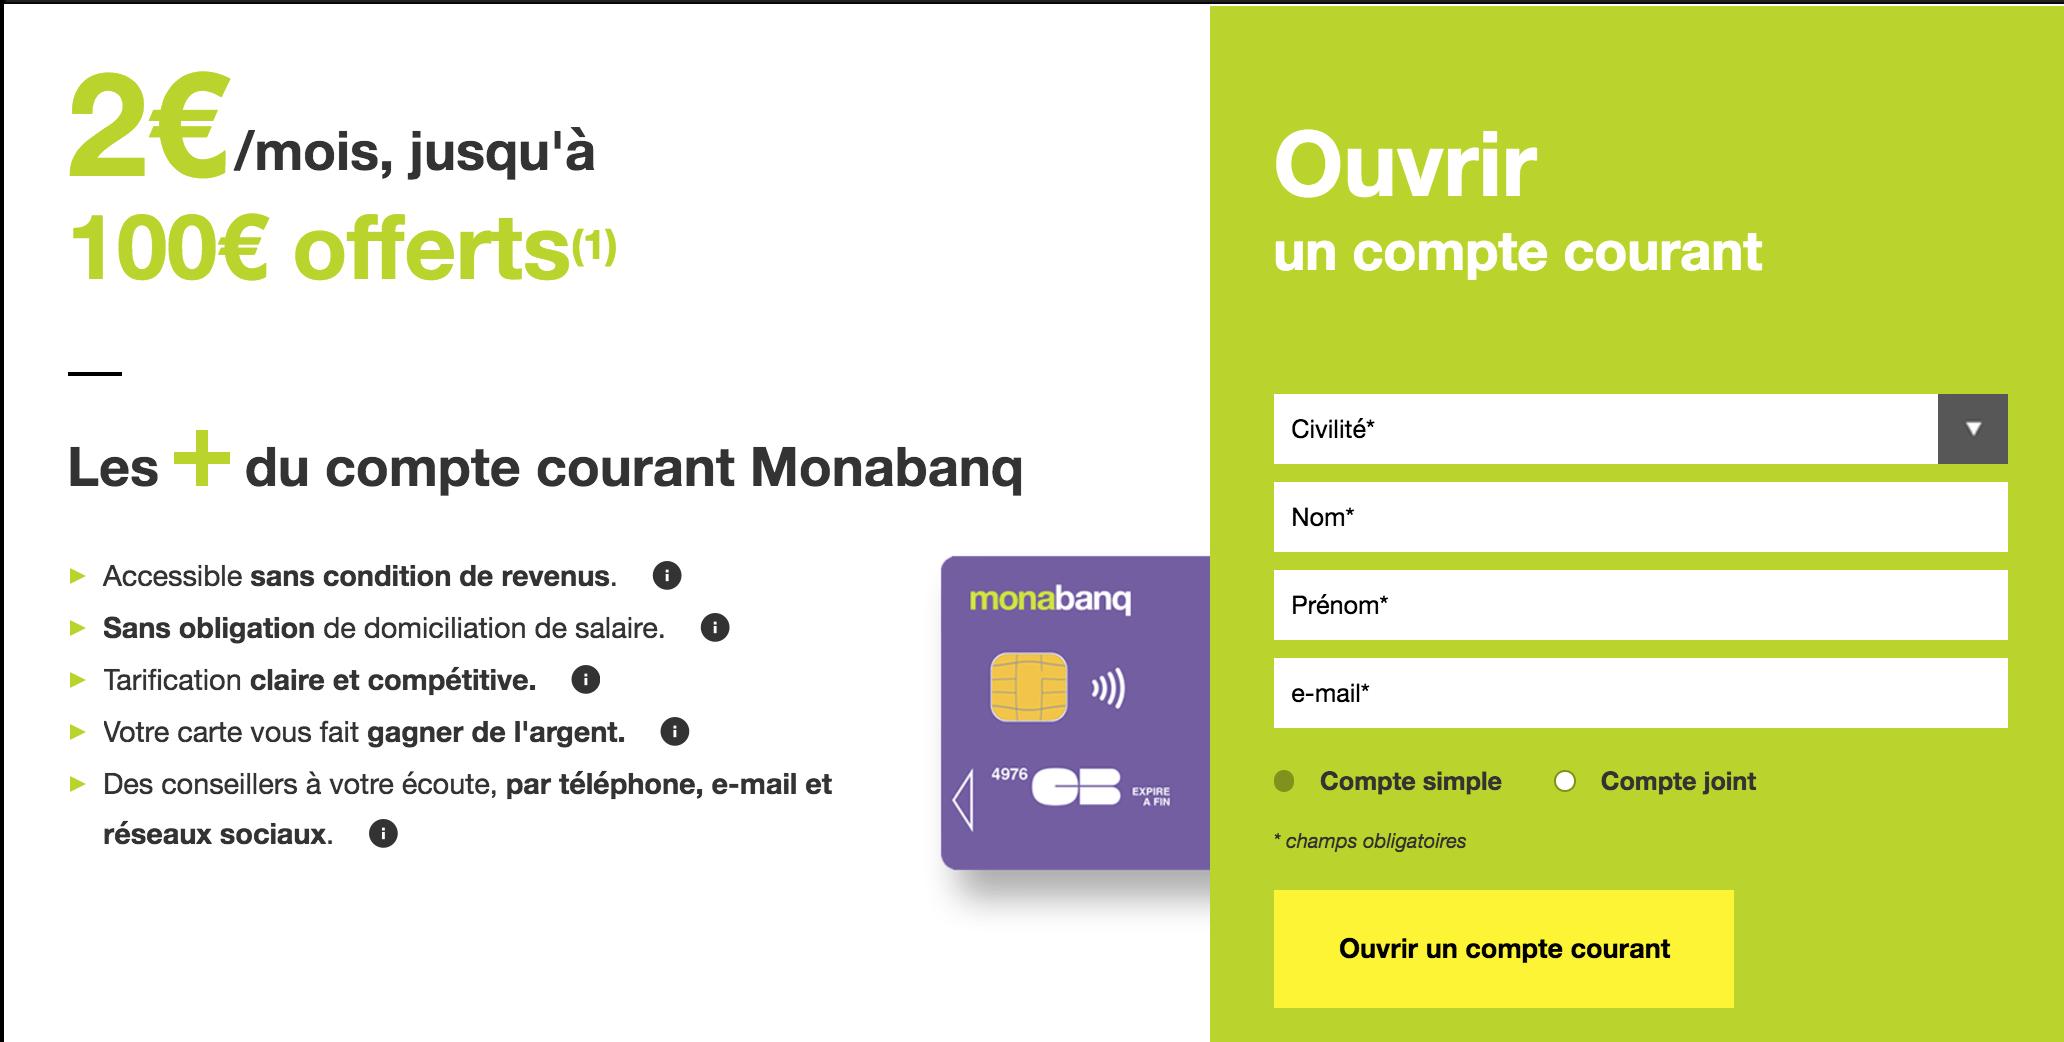 Prix du compte courant Monabanq : 24 euros par an